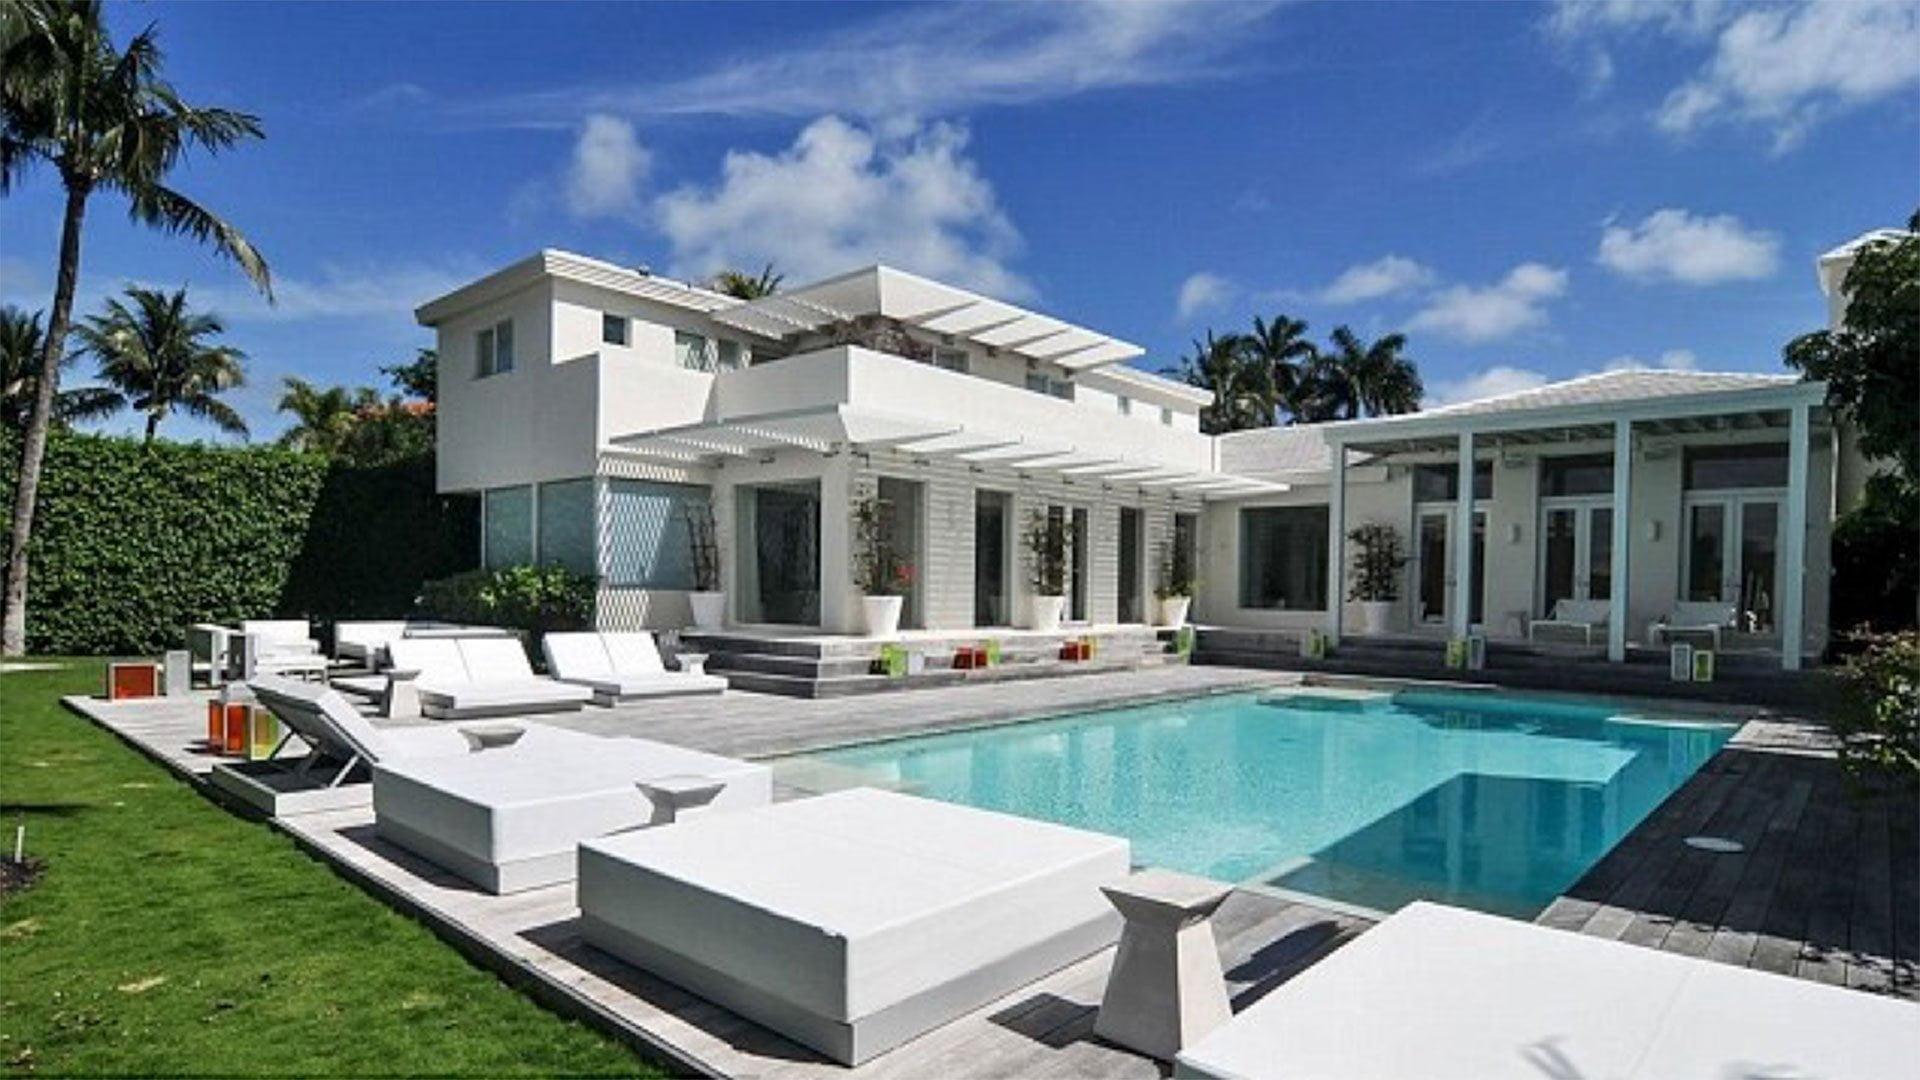 La mansión de Shakira